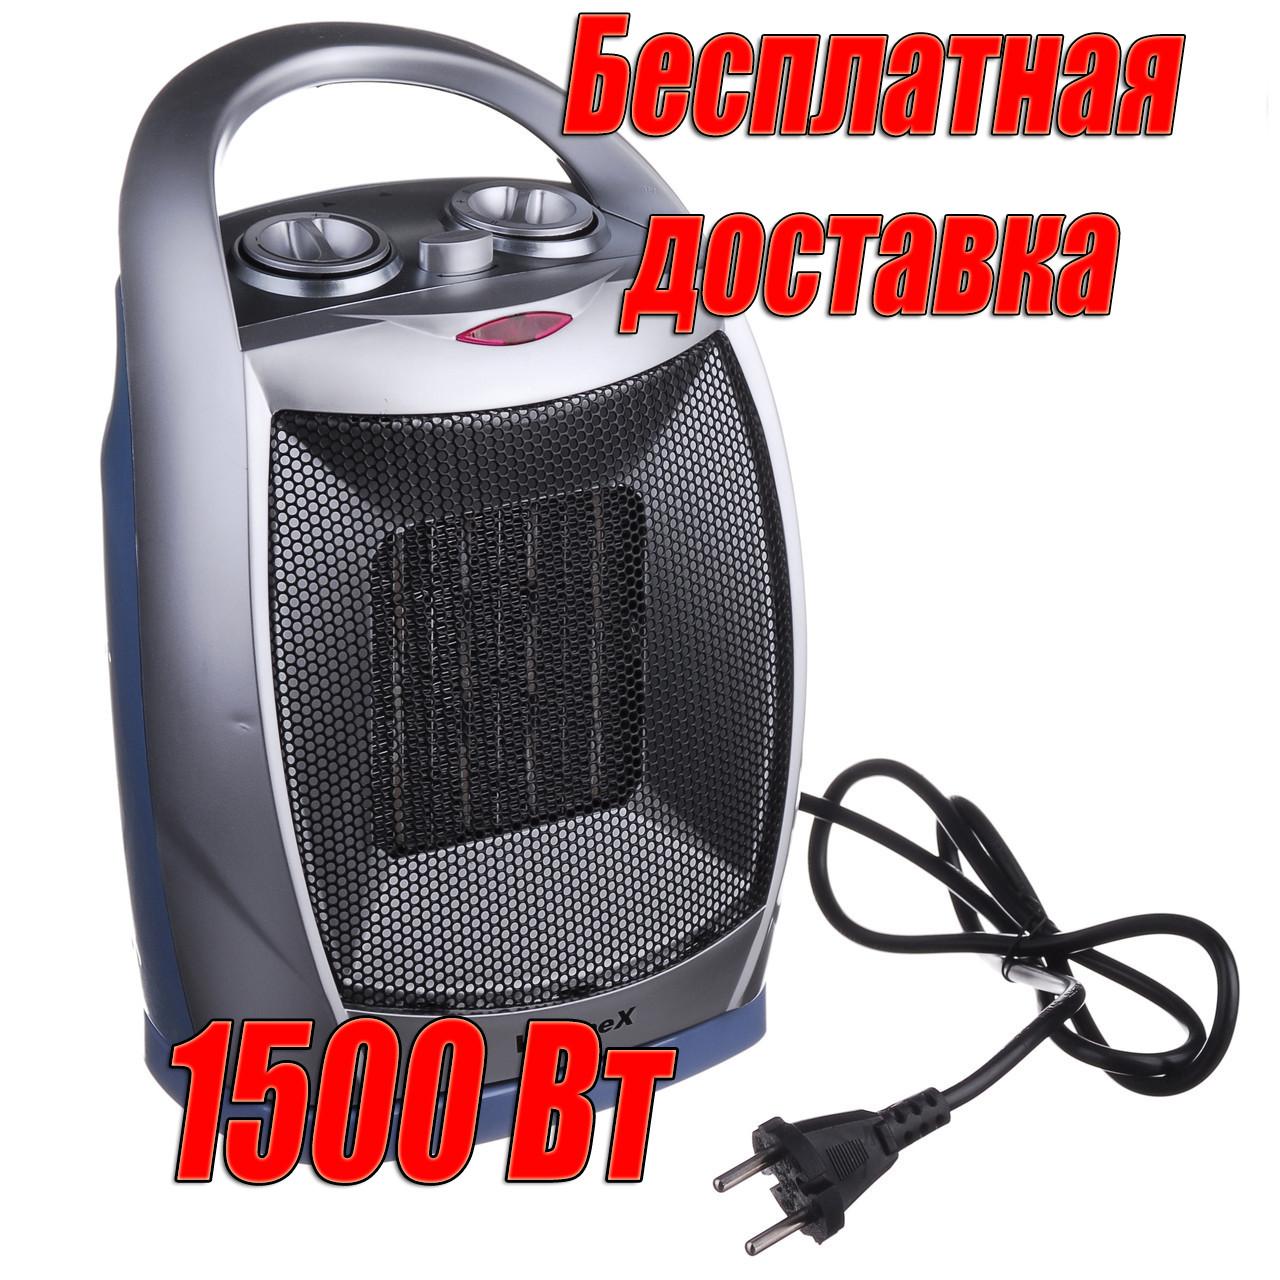 Безопастный керамический тепловентилятор 1500W, 3 режима, оригинал, гарантия